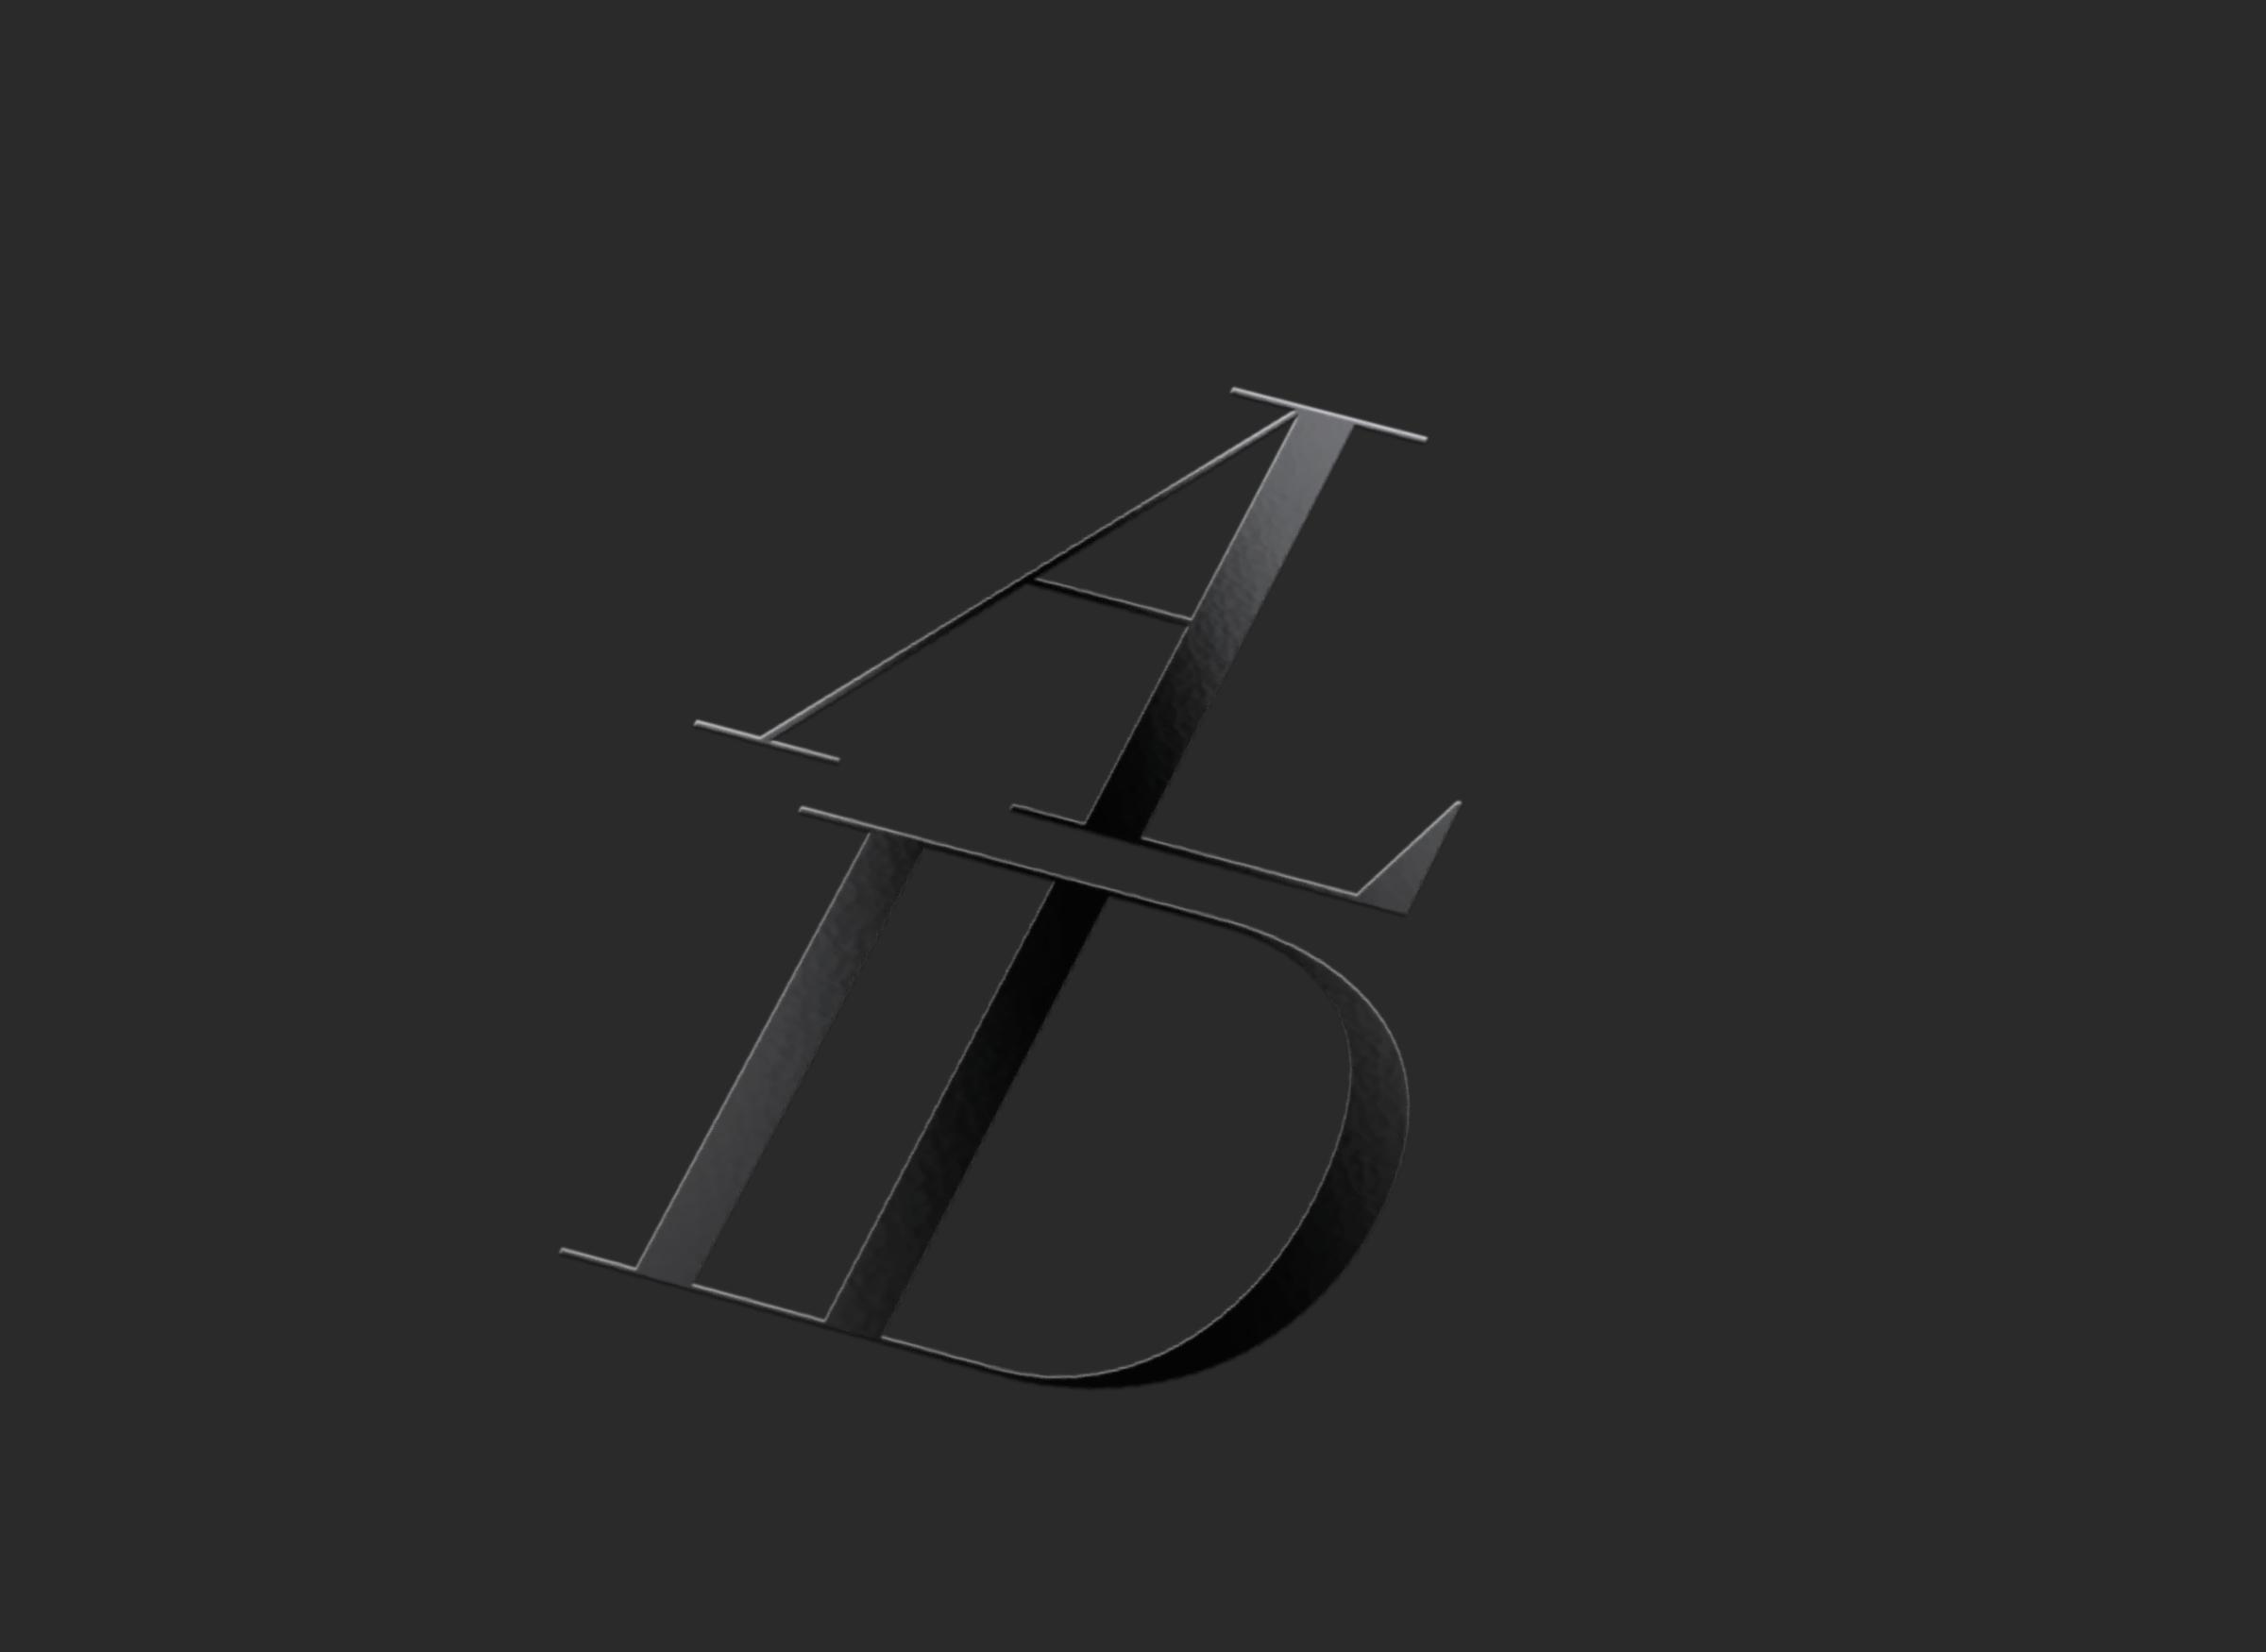 AliceLane_BlackonBlack_Concept.png